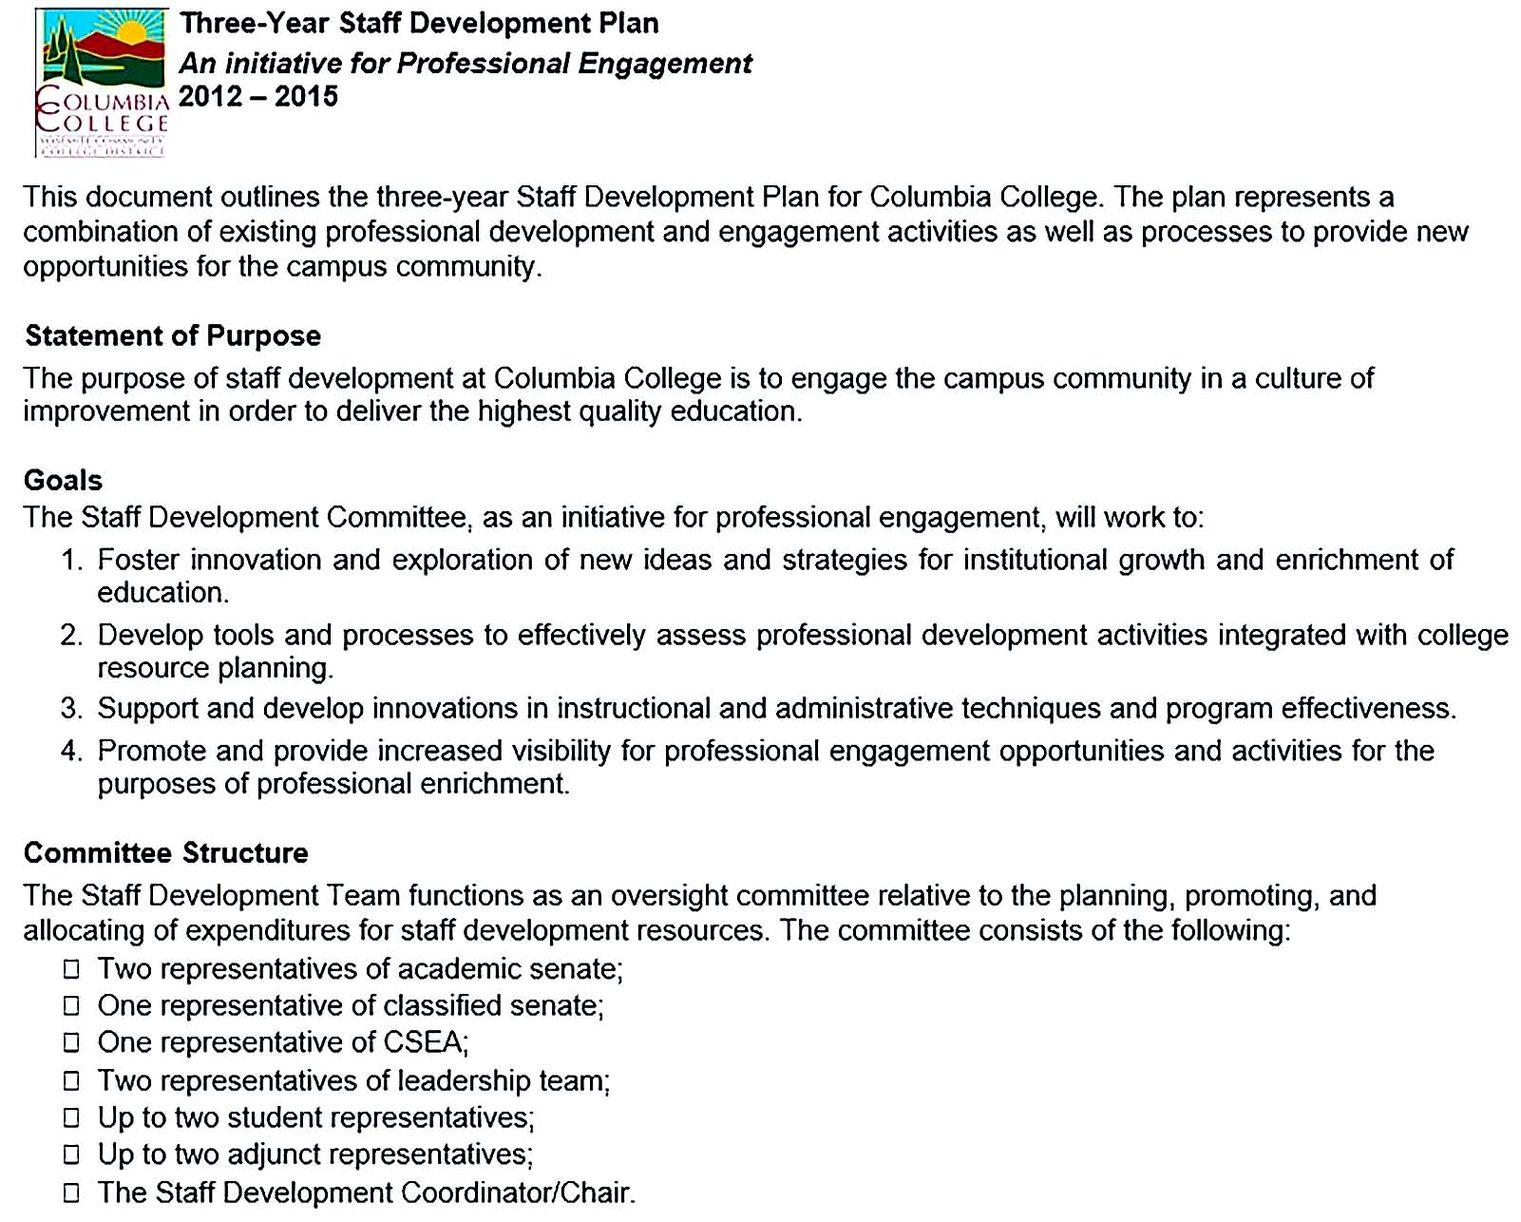 Staff Development Plan Outline